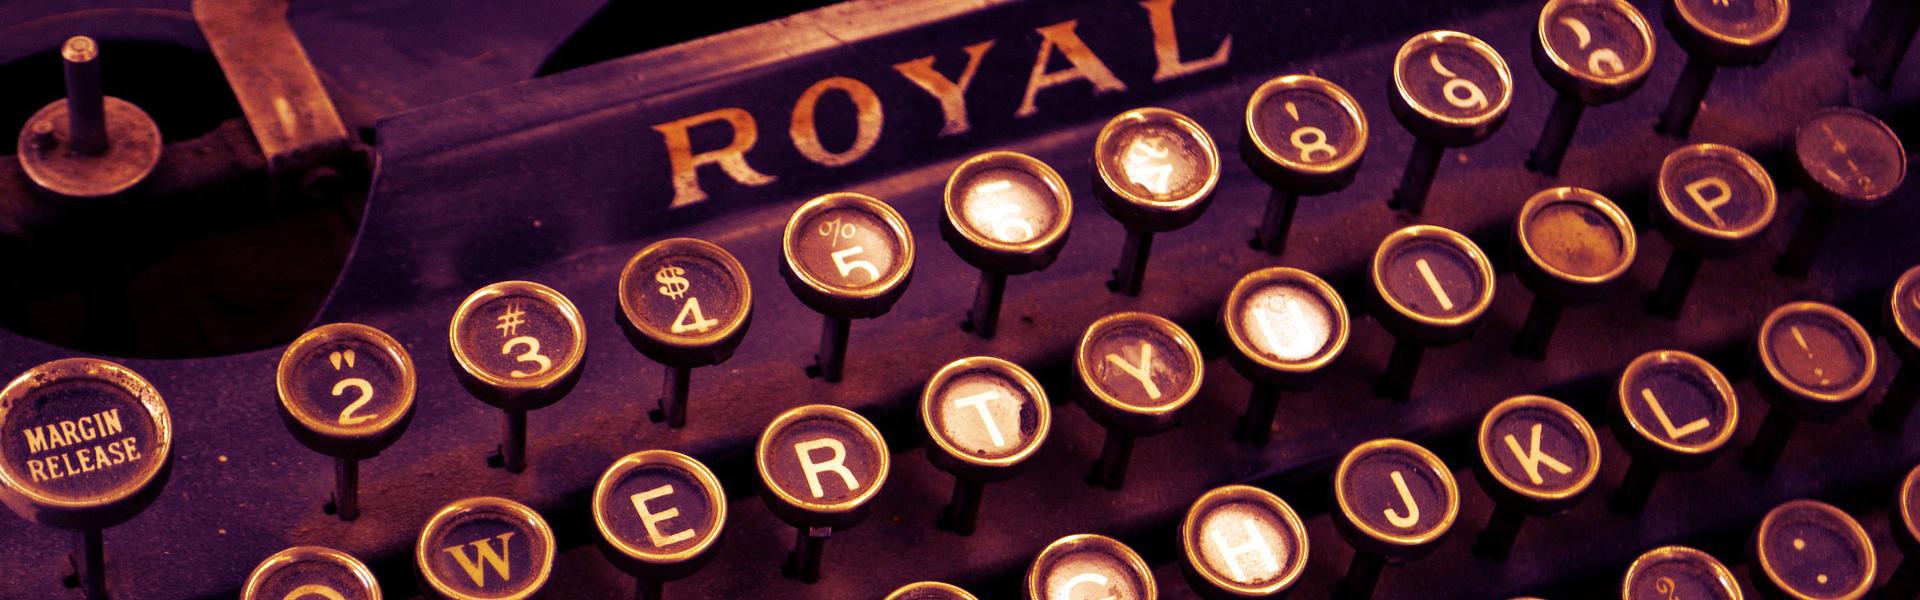 typewriter-1170657_1920 extra cropped